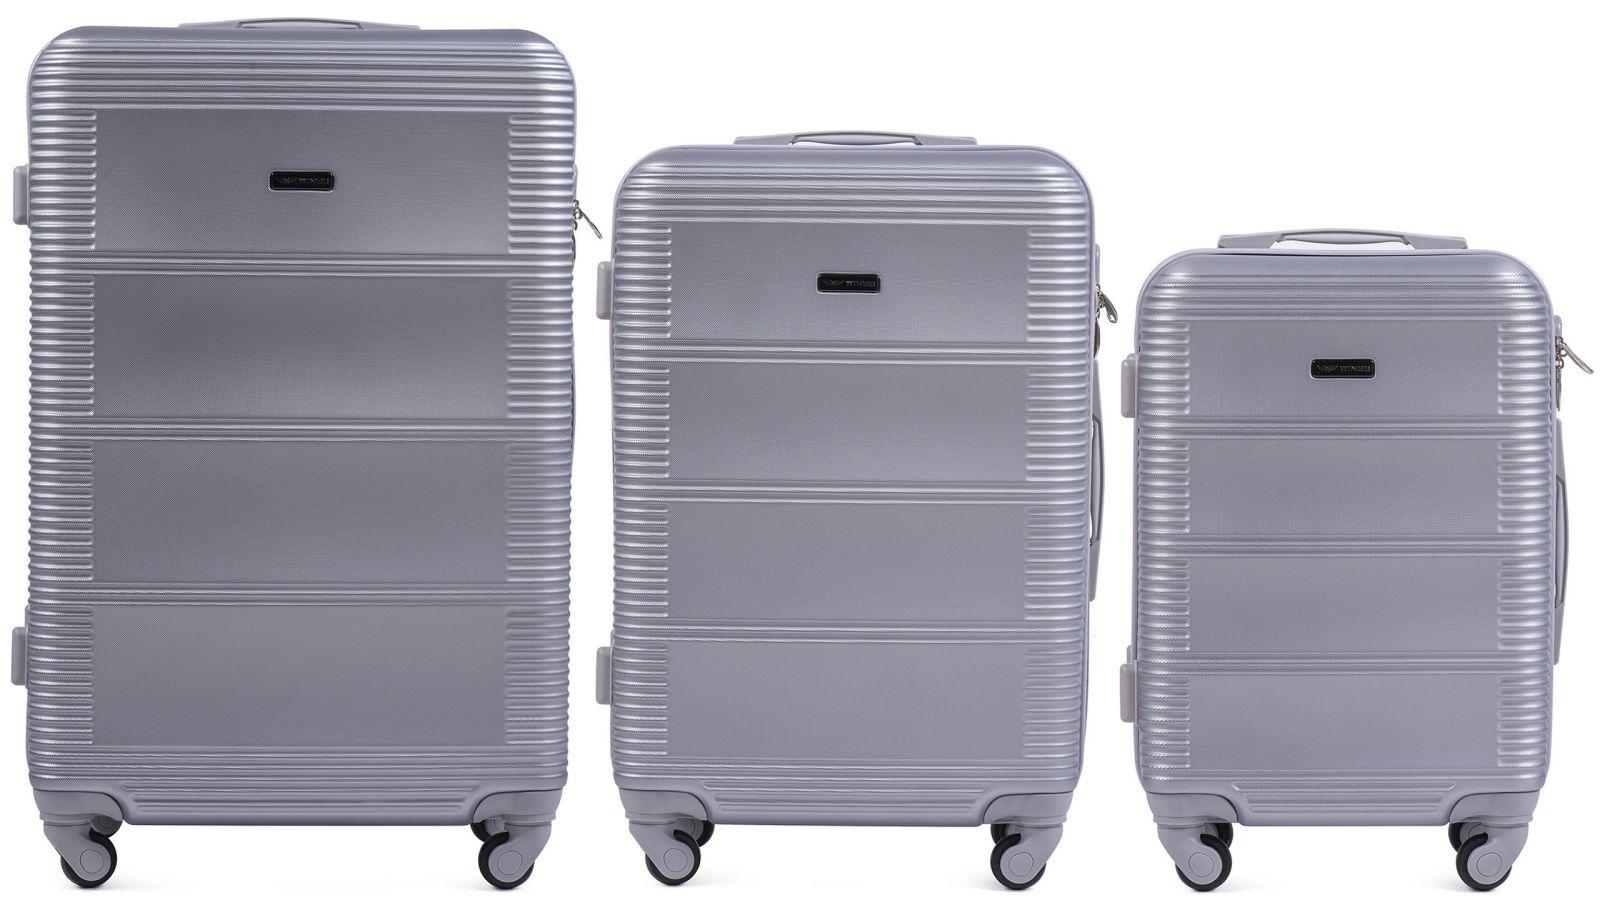 Cestovní kufry sada WINGS 203 ABS SILVER L,M,S